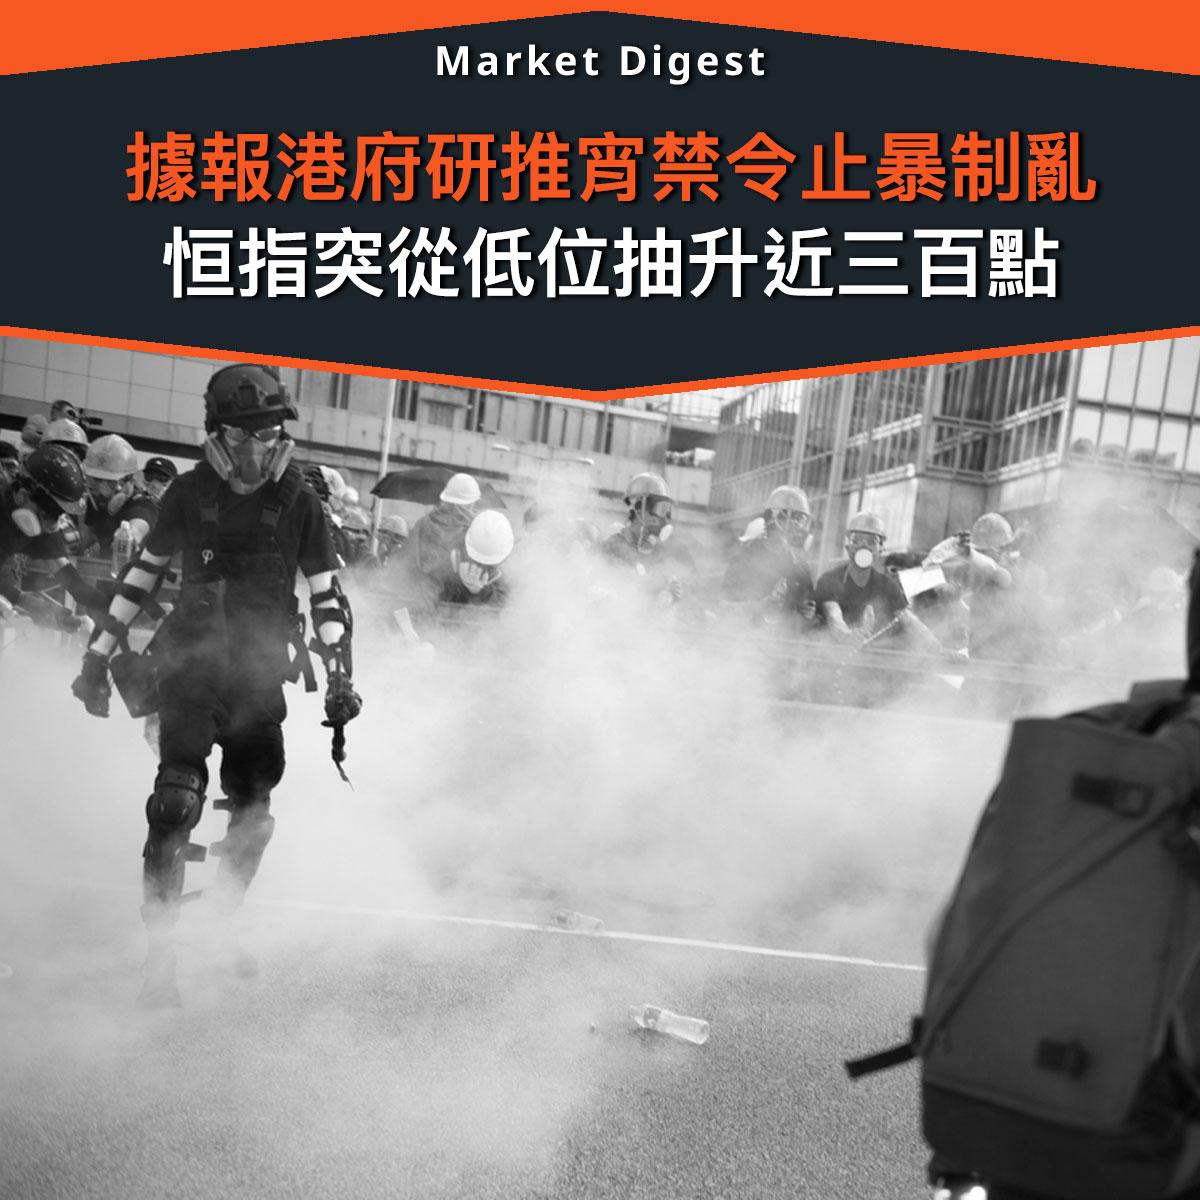 【市場熱話】據報港府研推宵禁令止暴制亂,恒指突從低位抽升近三百點